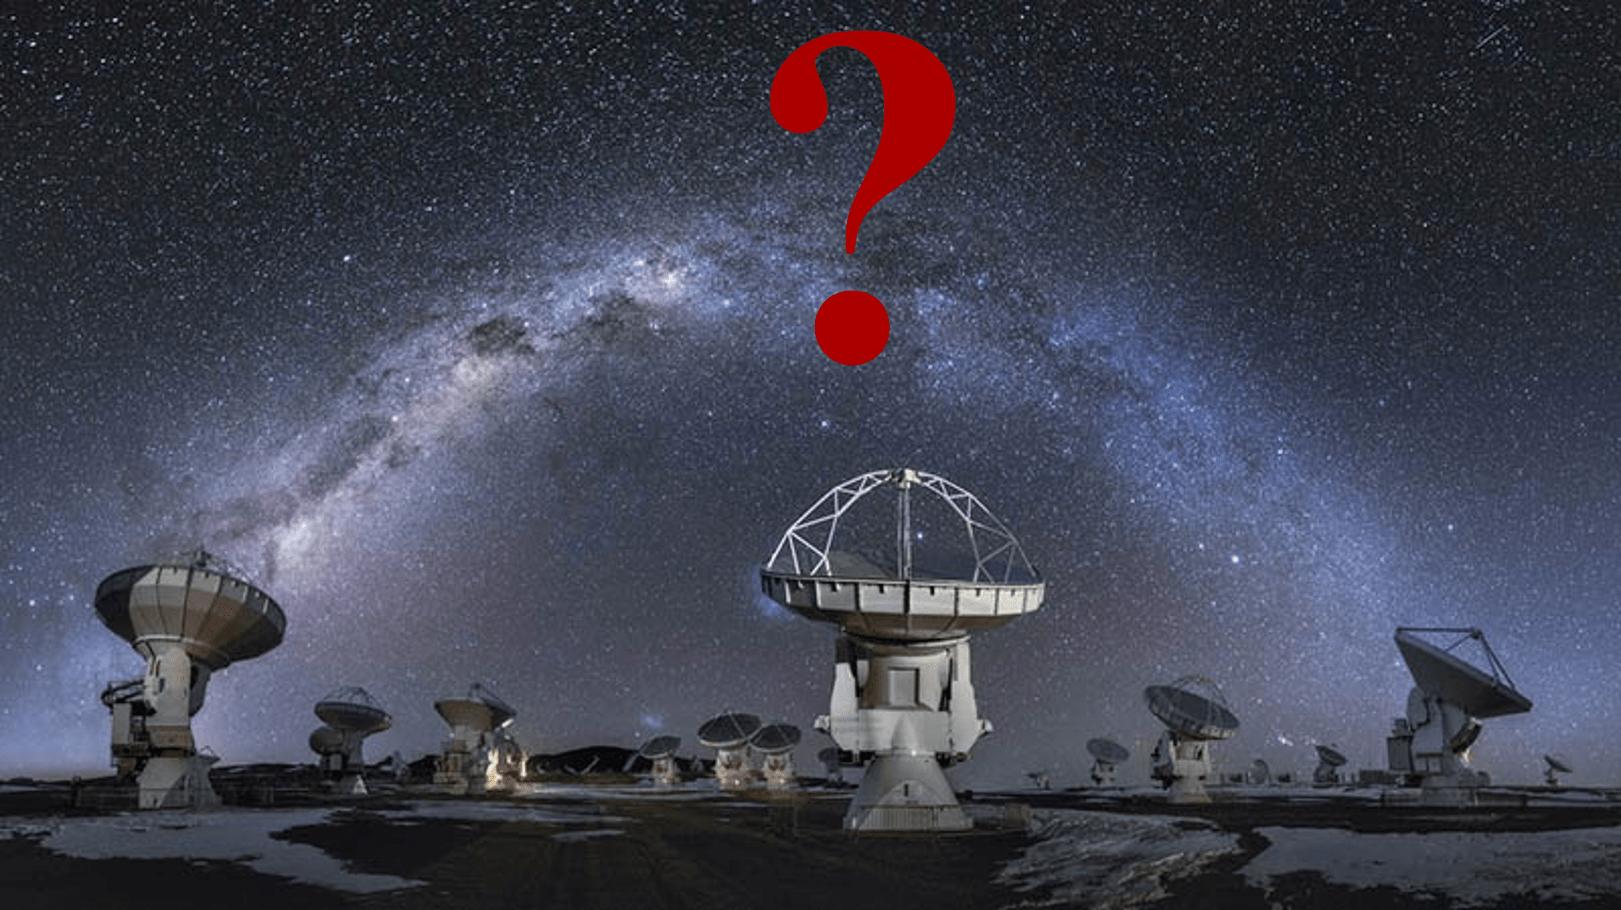 Gran debate sobre vida extraterrestre: ¿Estamos solos en el Universo?